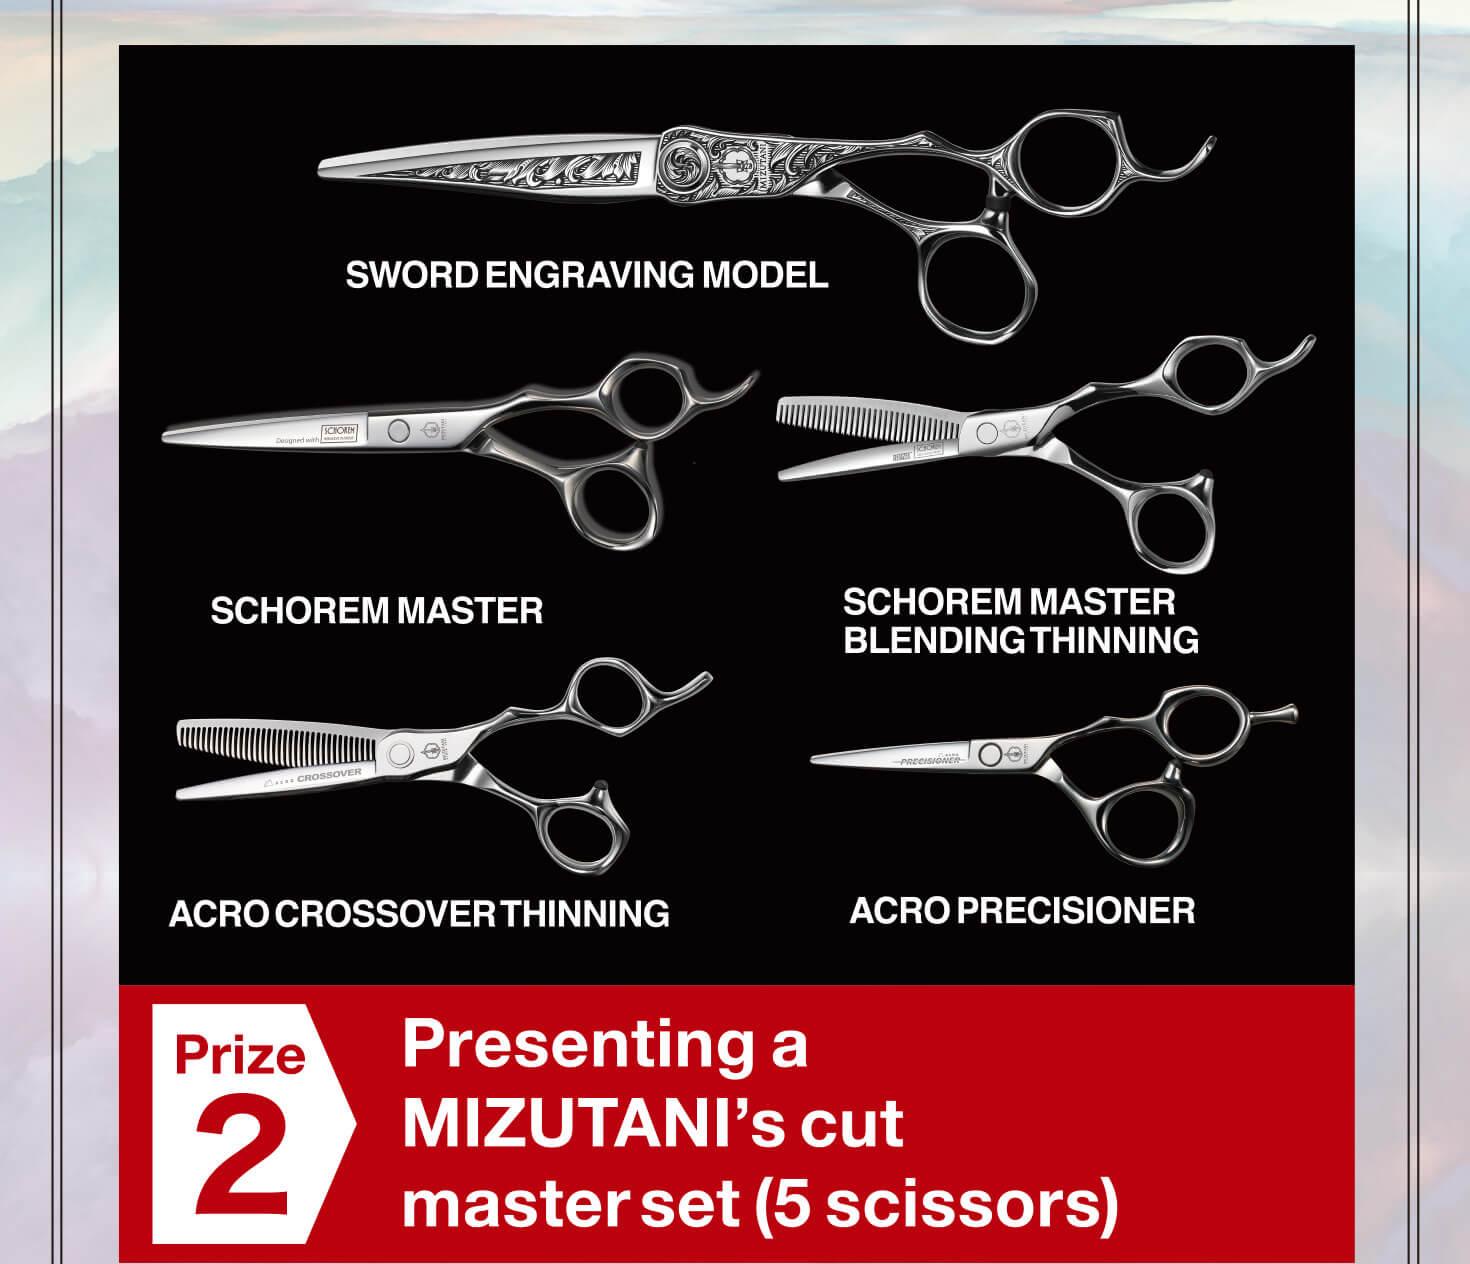 Prize 2 Presenting a MIZUTANI's cut master set (5 scissors)